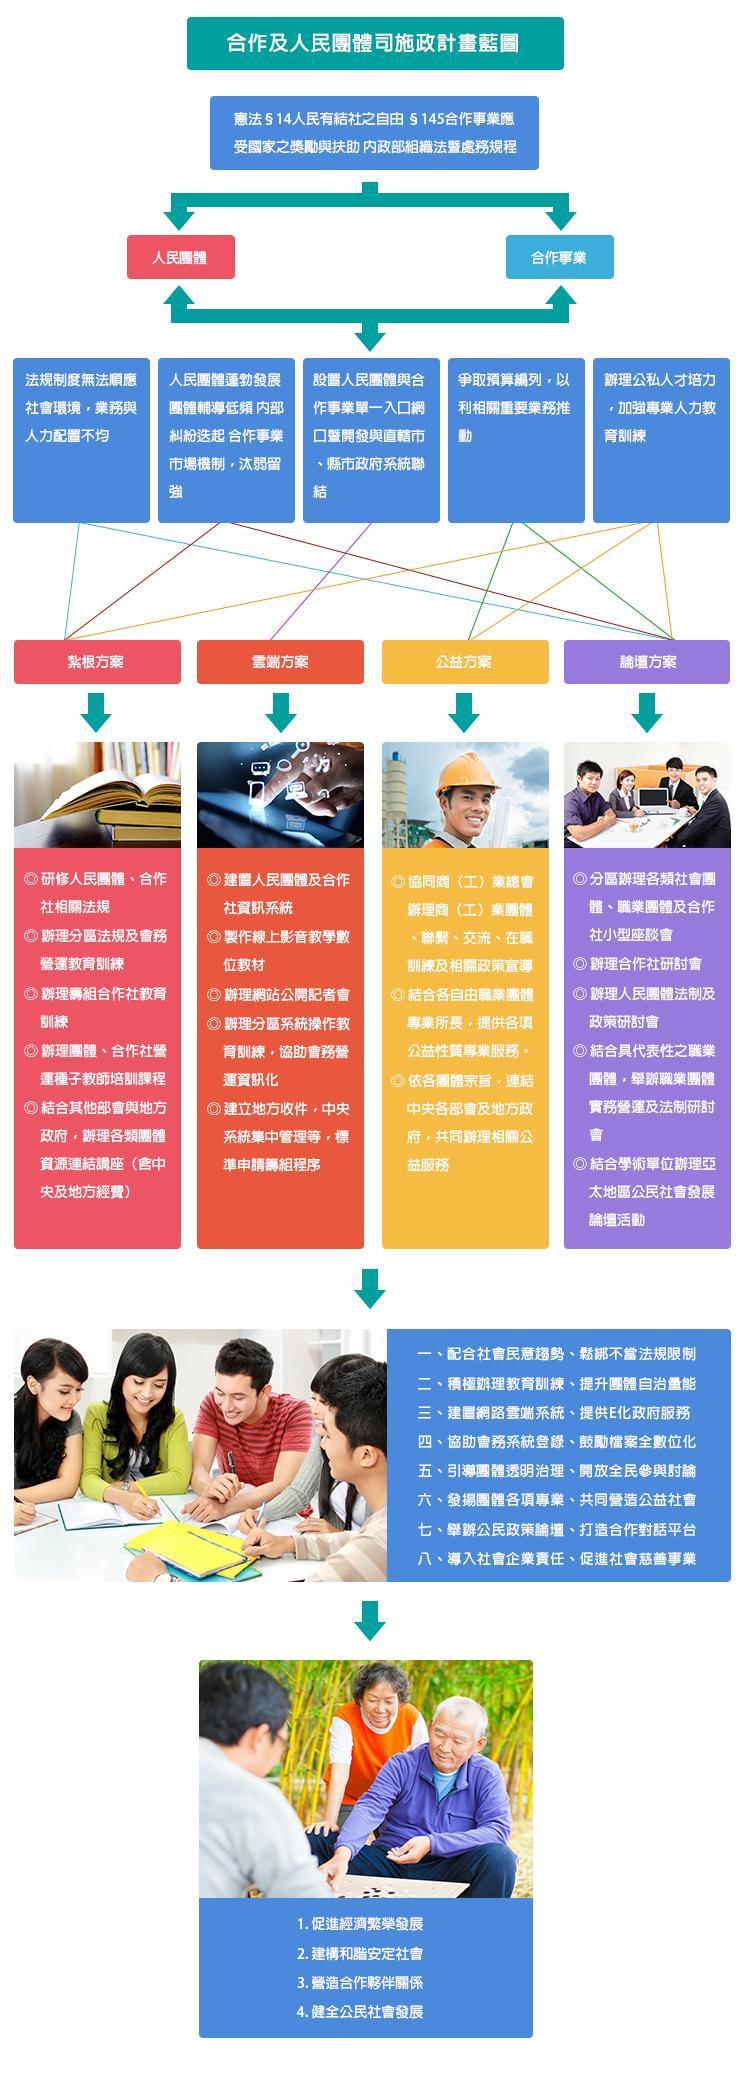 合作及人民團體司施政計劃藍圖